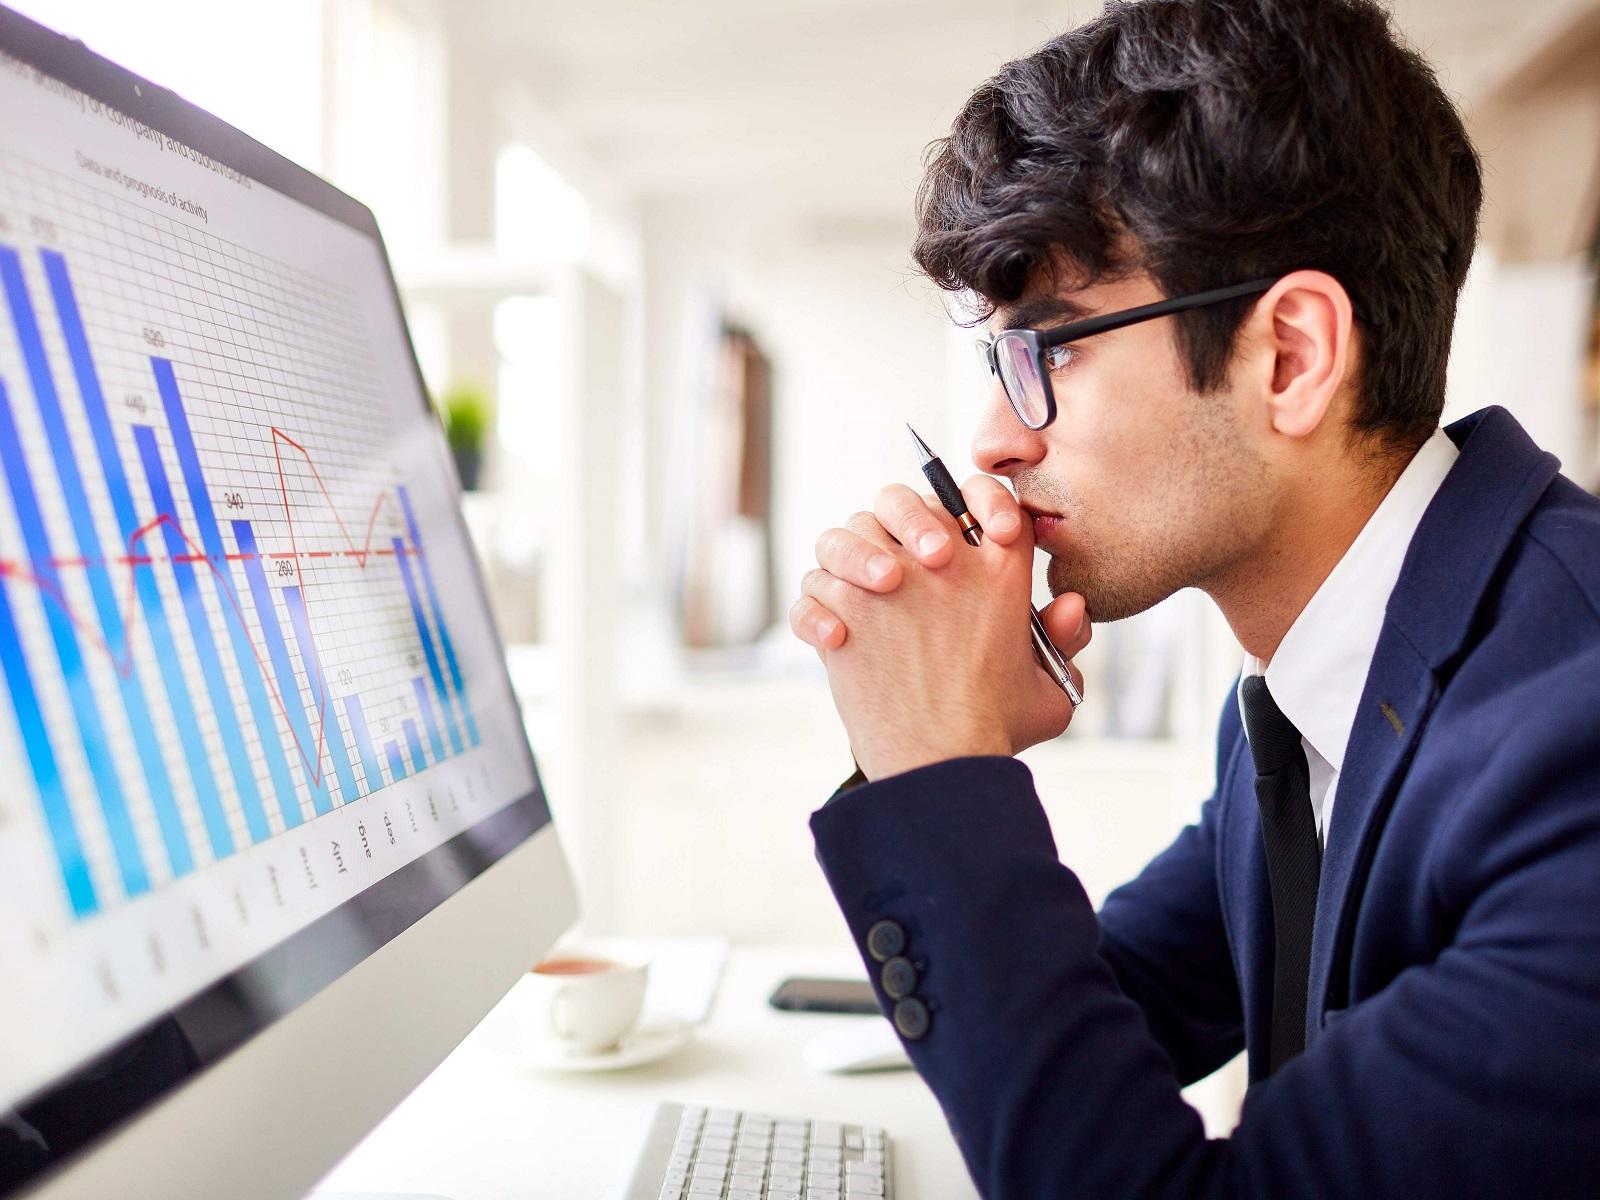 Как стать экспертом по анализу данных